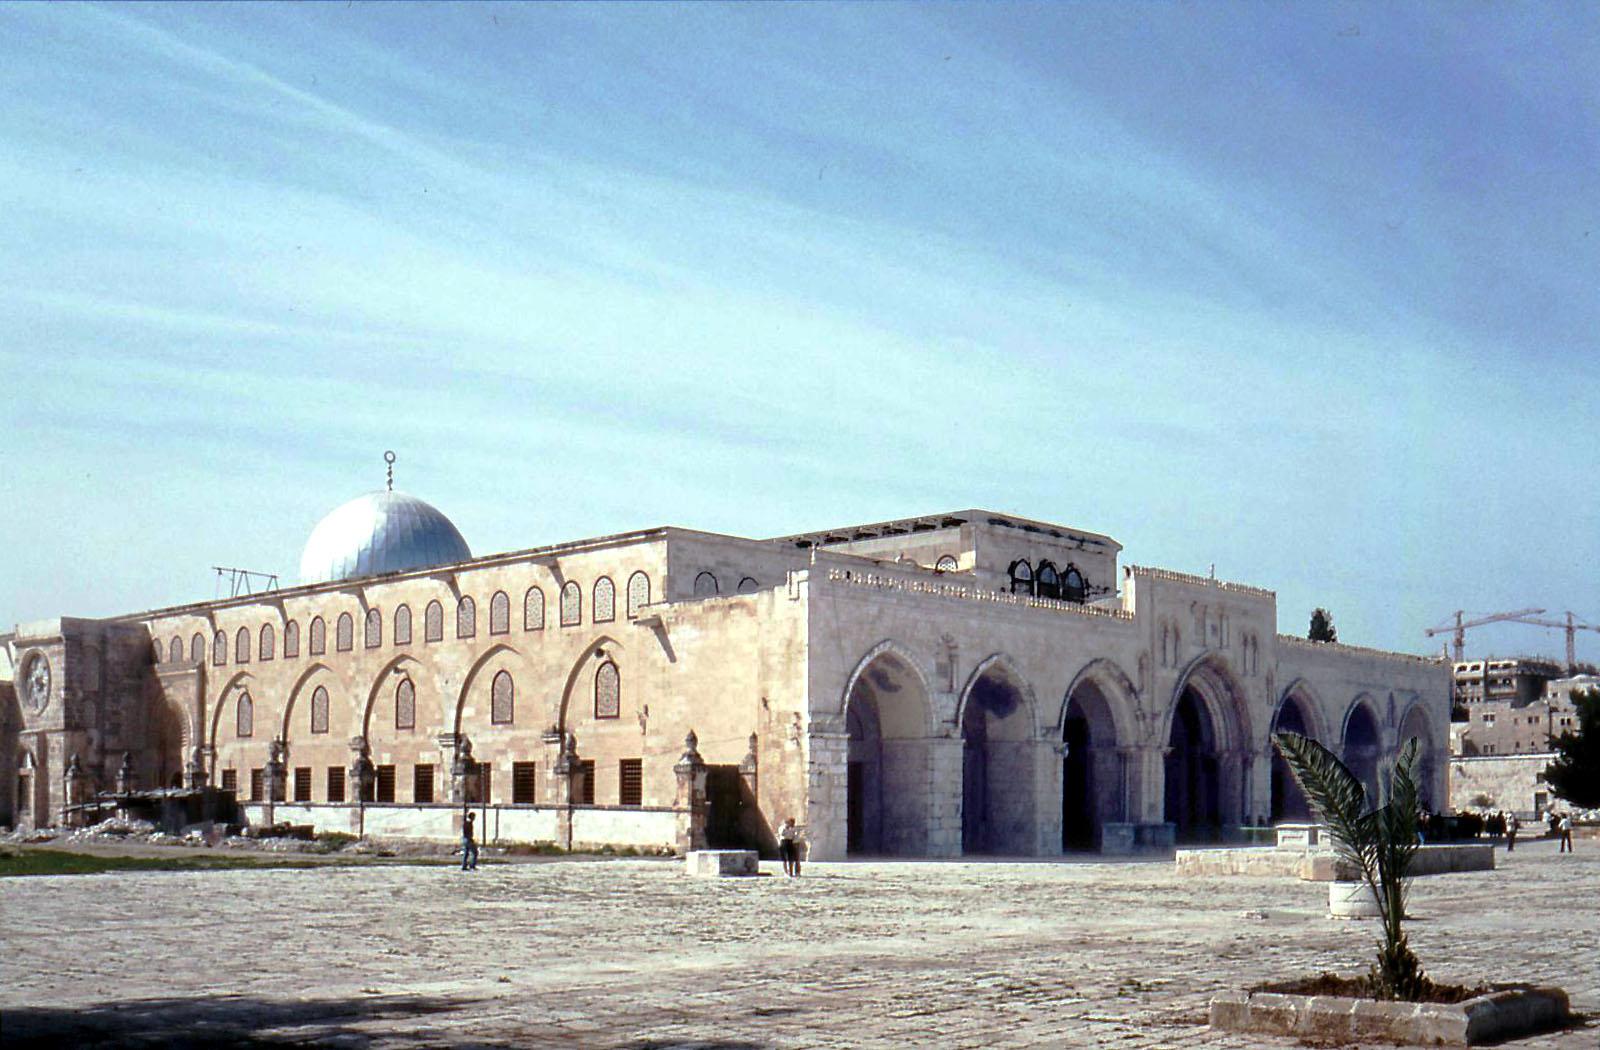 شيء يجب ان تعرفه قبل ان تقبل على القضية الفلسطينية Al_aqsa_mosque